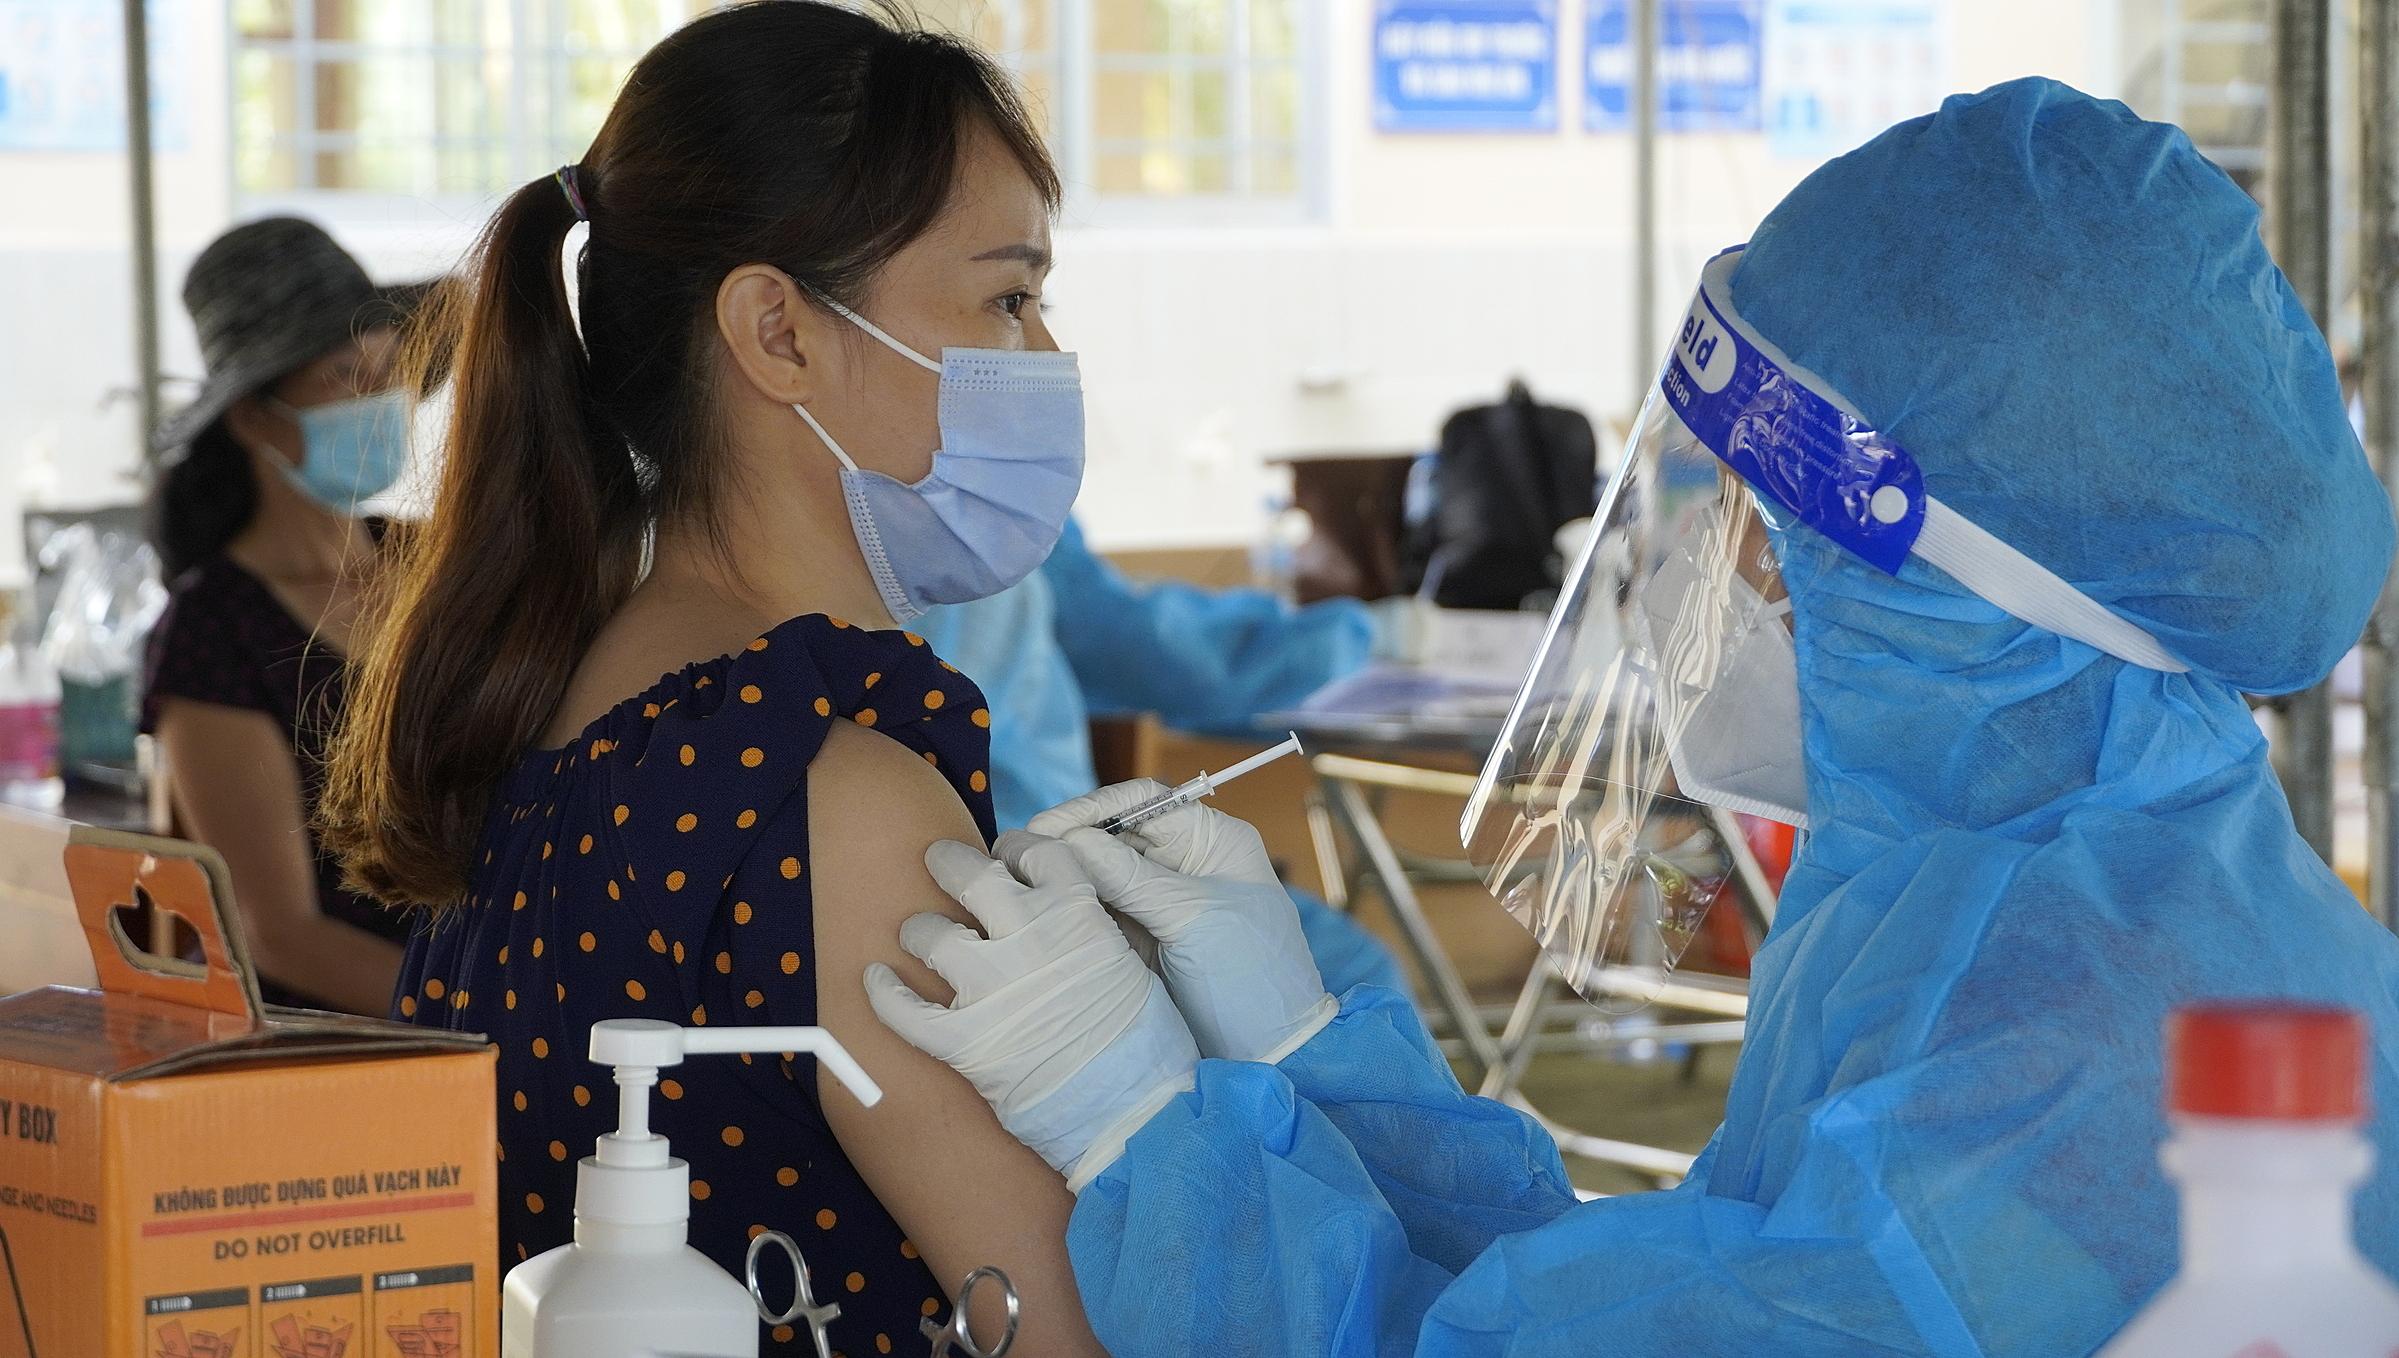 Tiêm vaccine Covid-19 ở Long An. Ảnh: Hoàng Nam